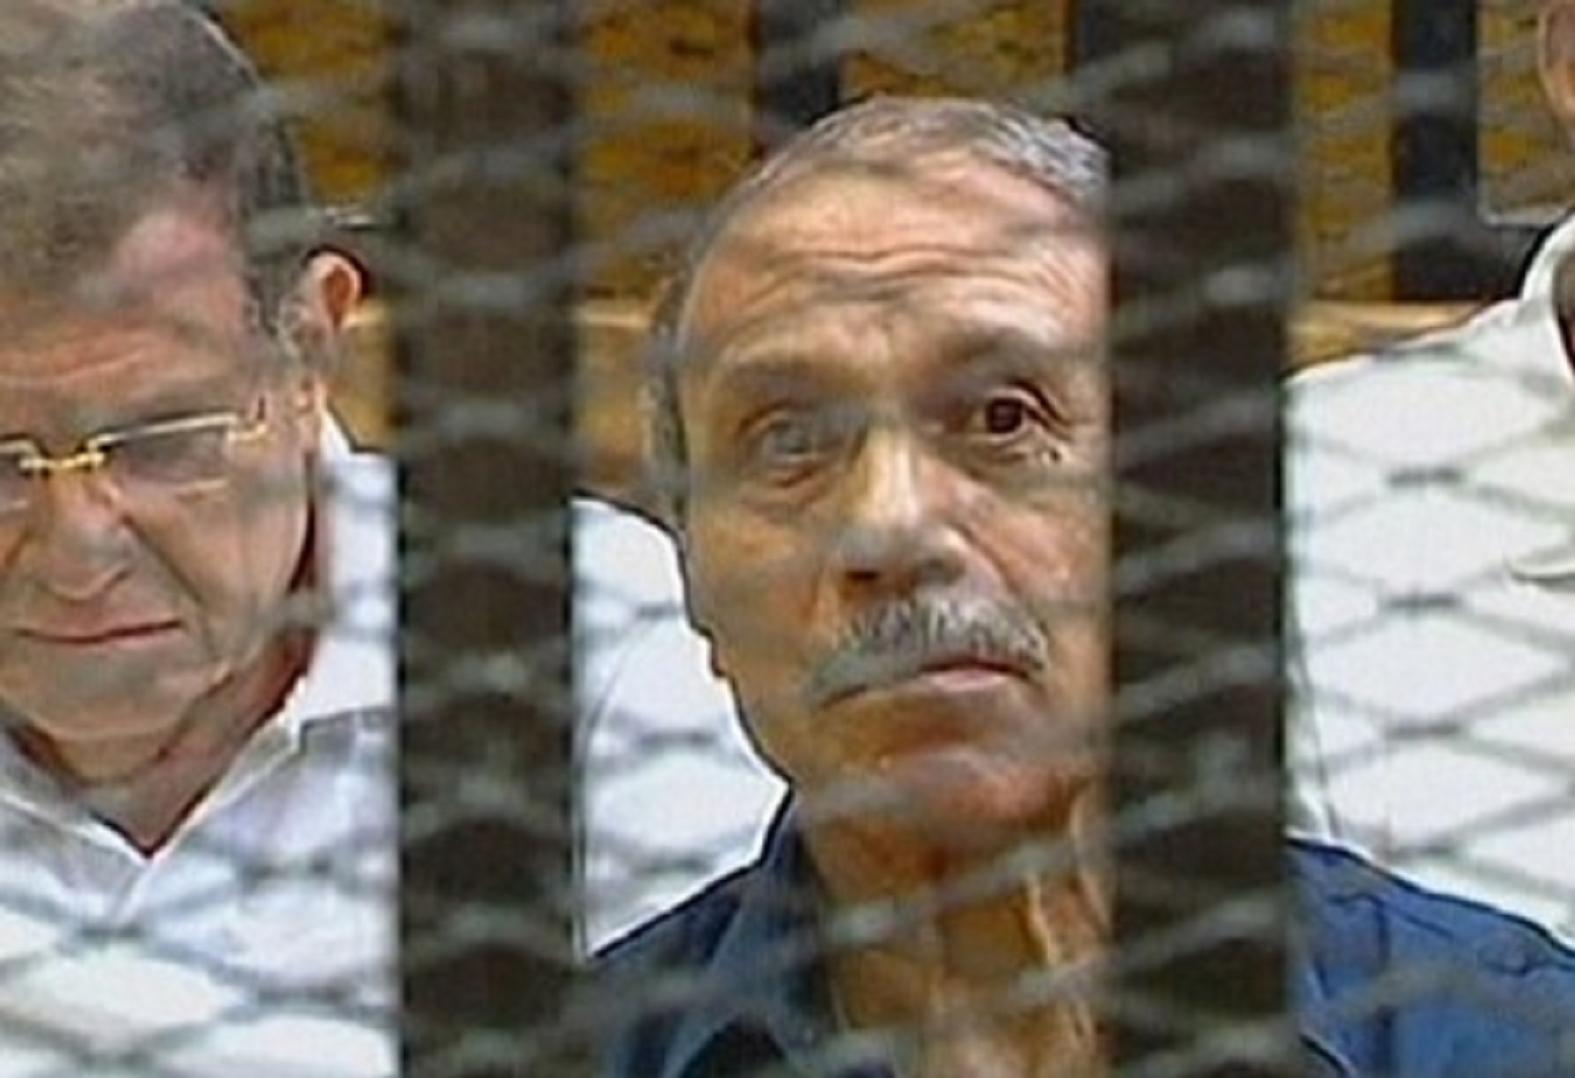 صورة محامي حبيب العادلي : موكلي هارب من محبسه وموجود في هذا المكان